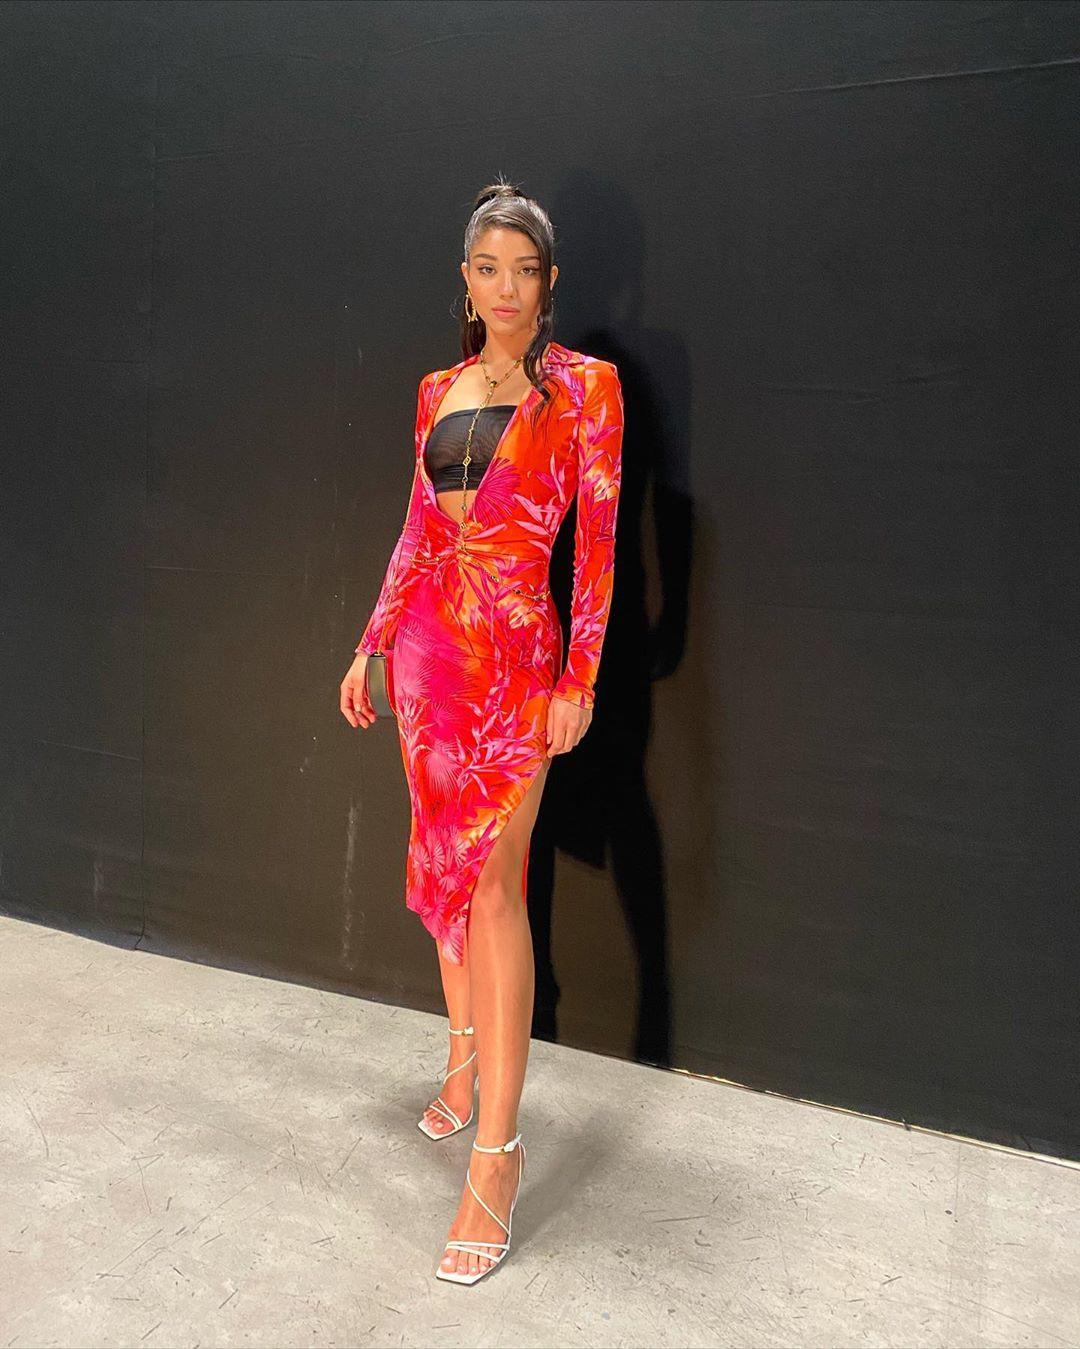 Yovanna Ventura dresses ideas, Hottest Girl, attire ideas